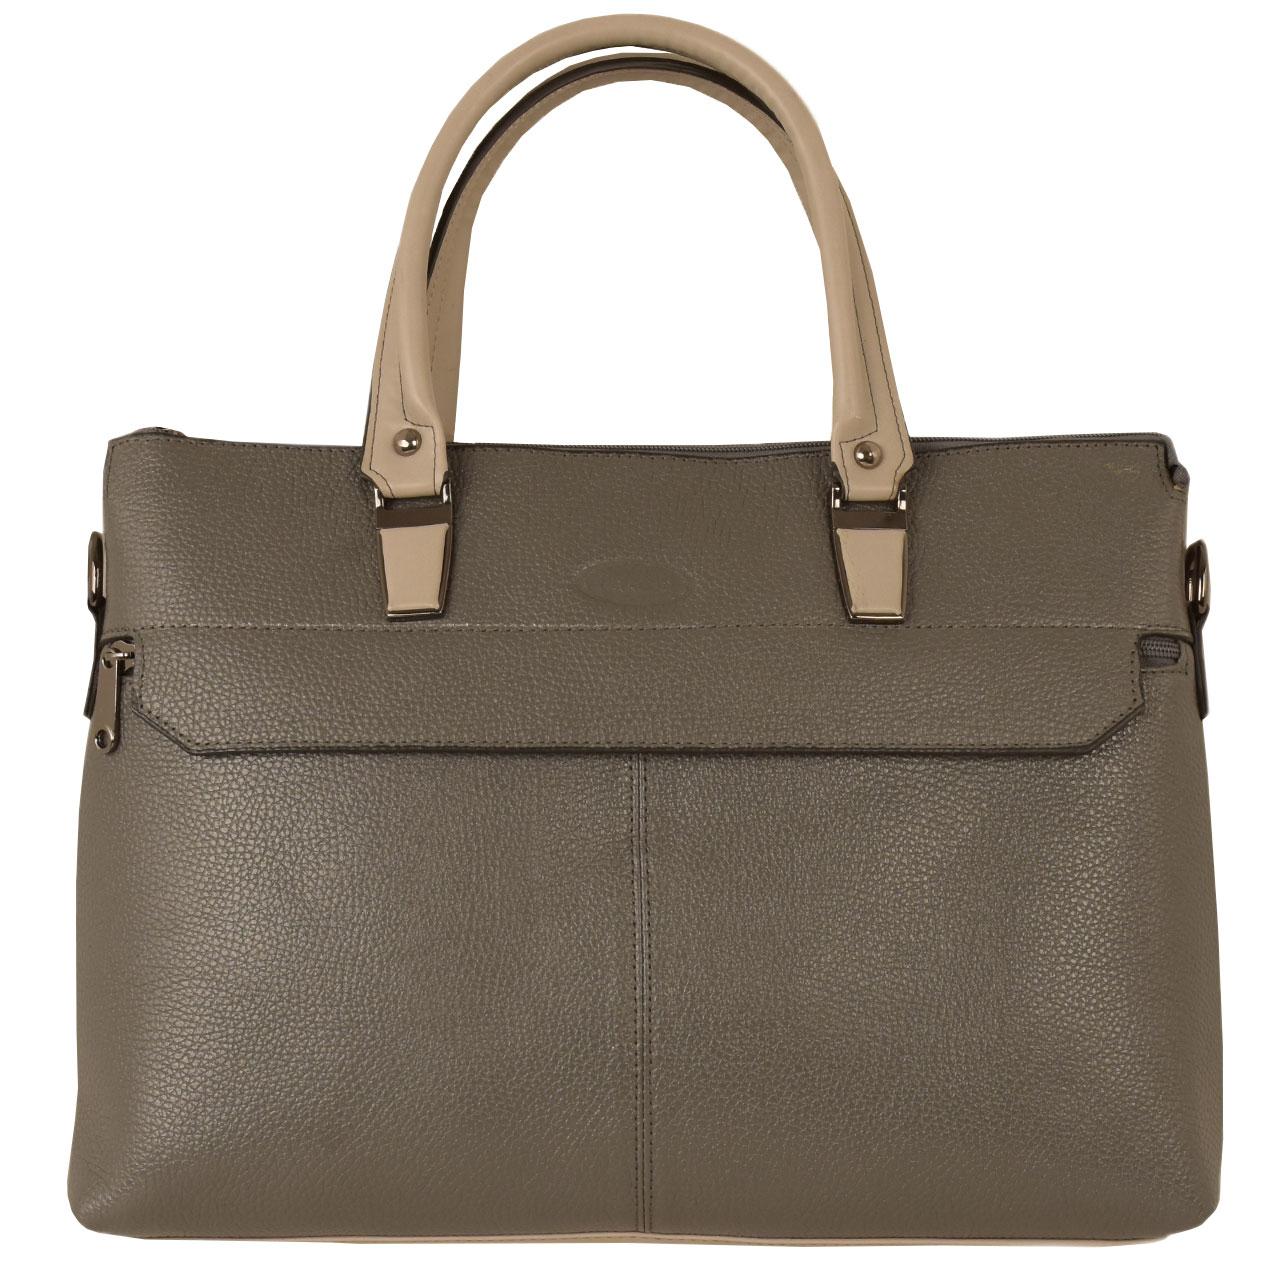 کیف اداری زنانه پارینه چرم مدل PLV165-3-1587